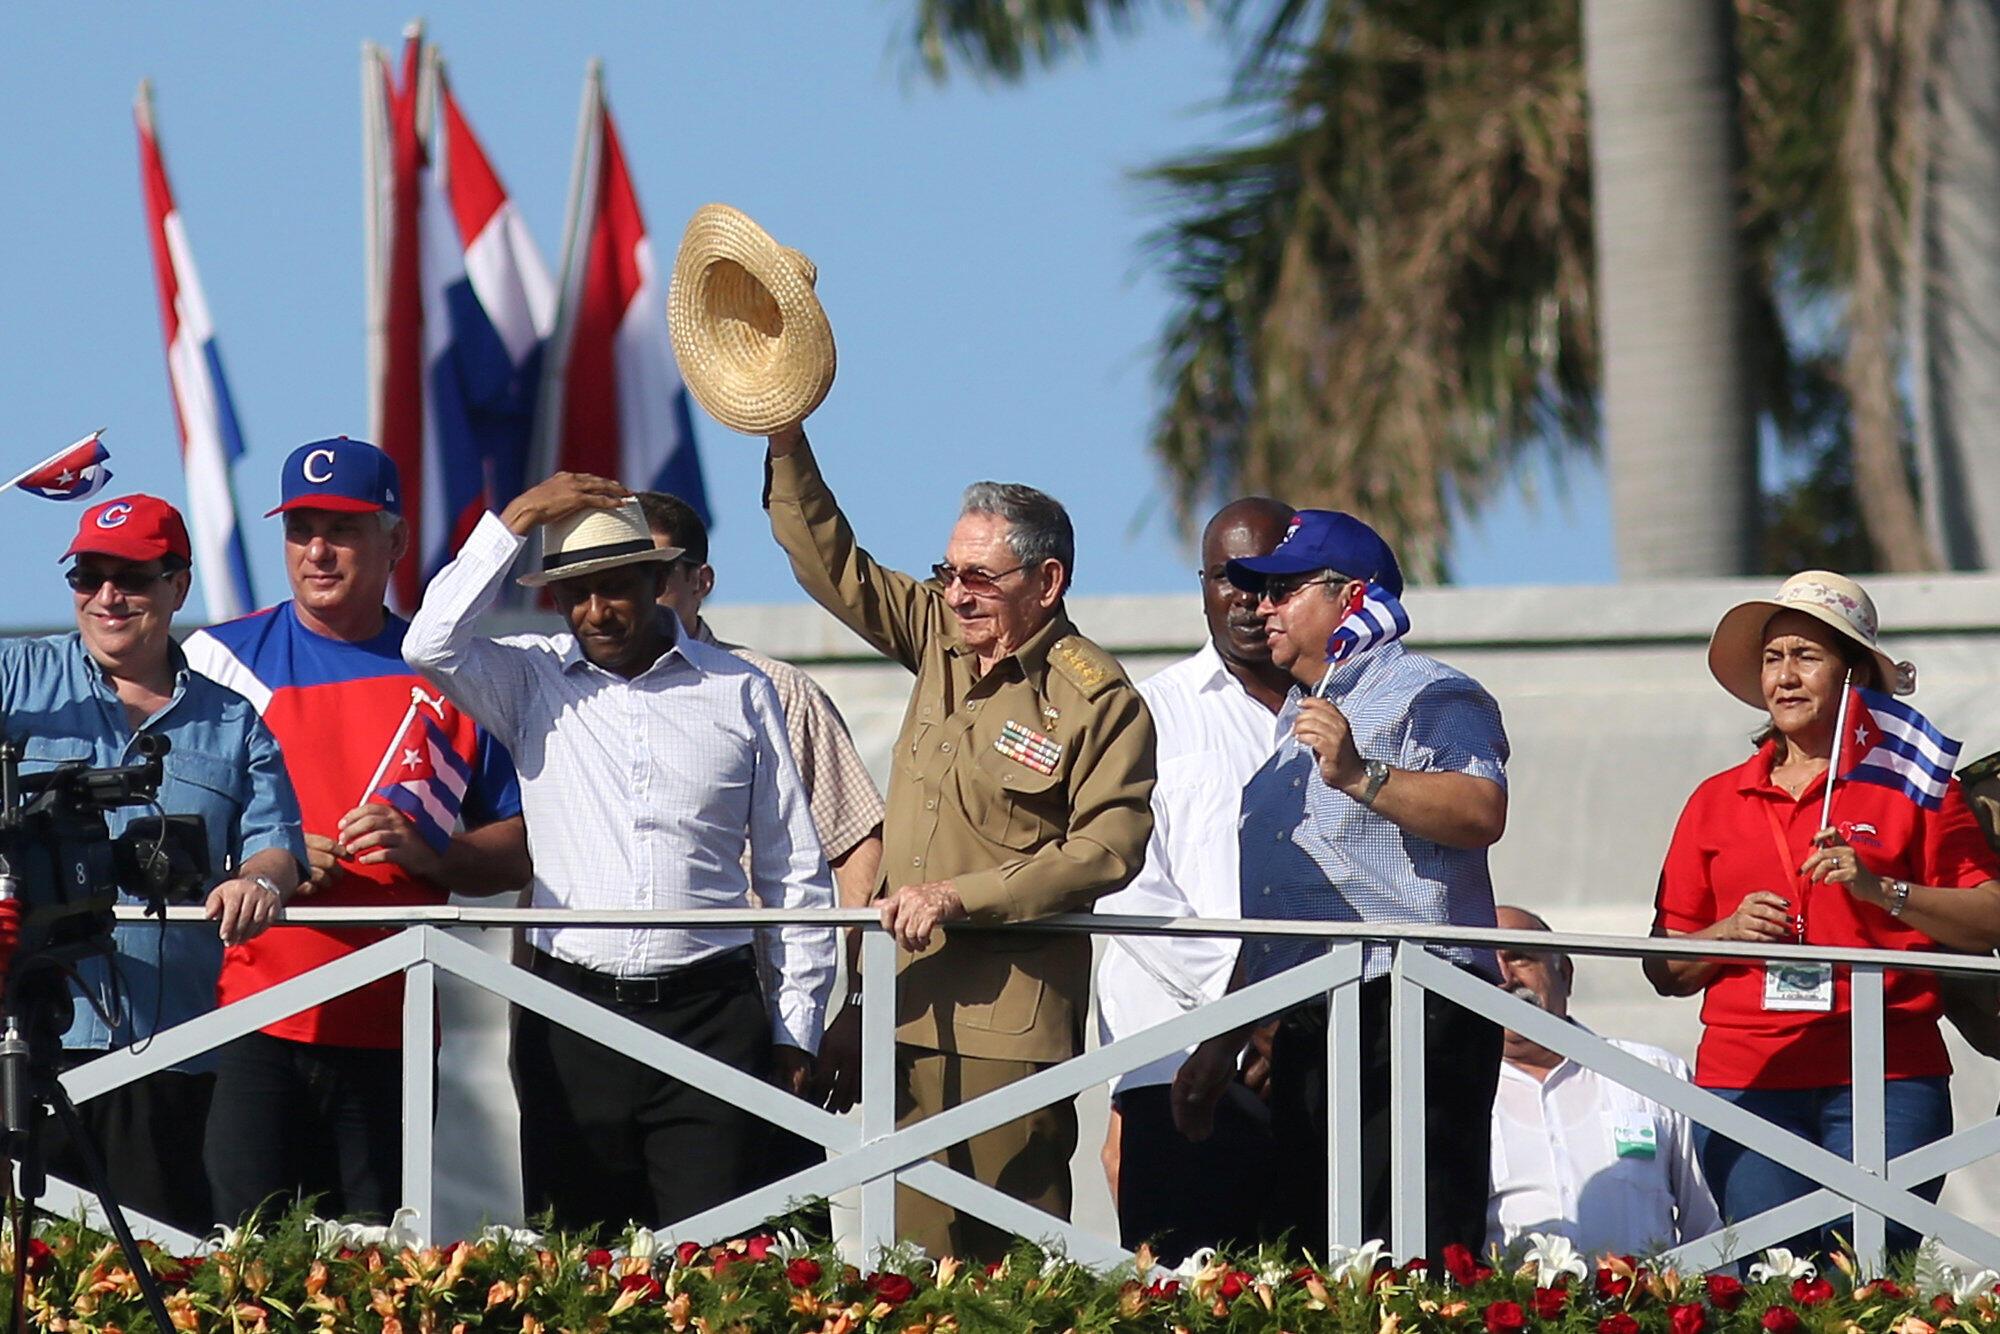 El presidente cubano Raúl Castro durante la celebración del 1° de mayo, en La Habana.